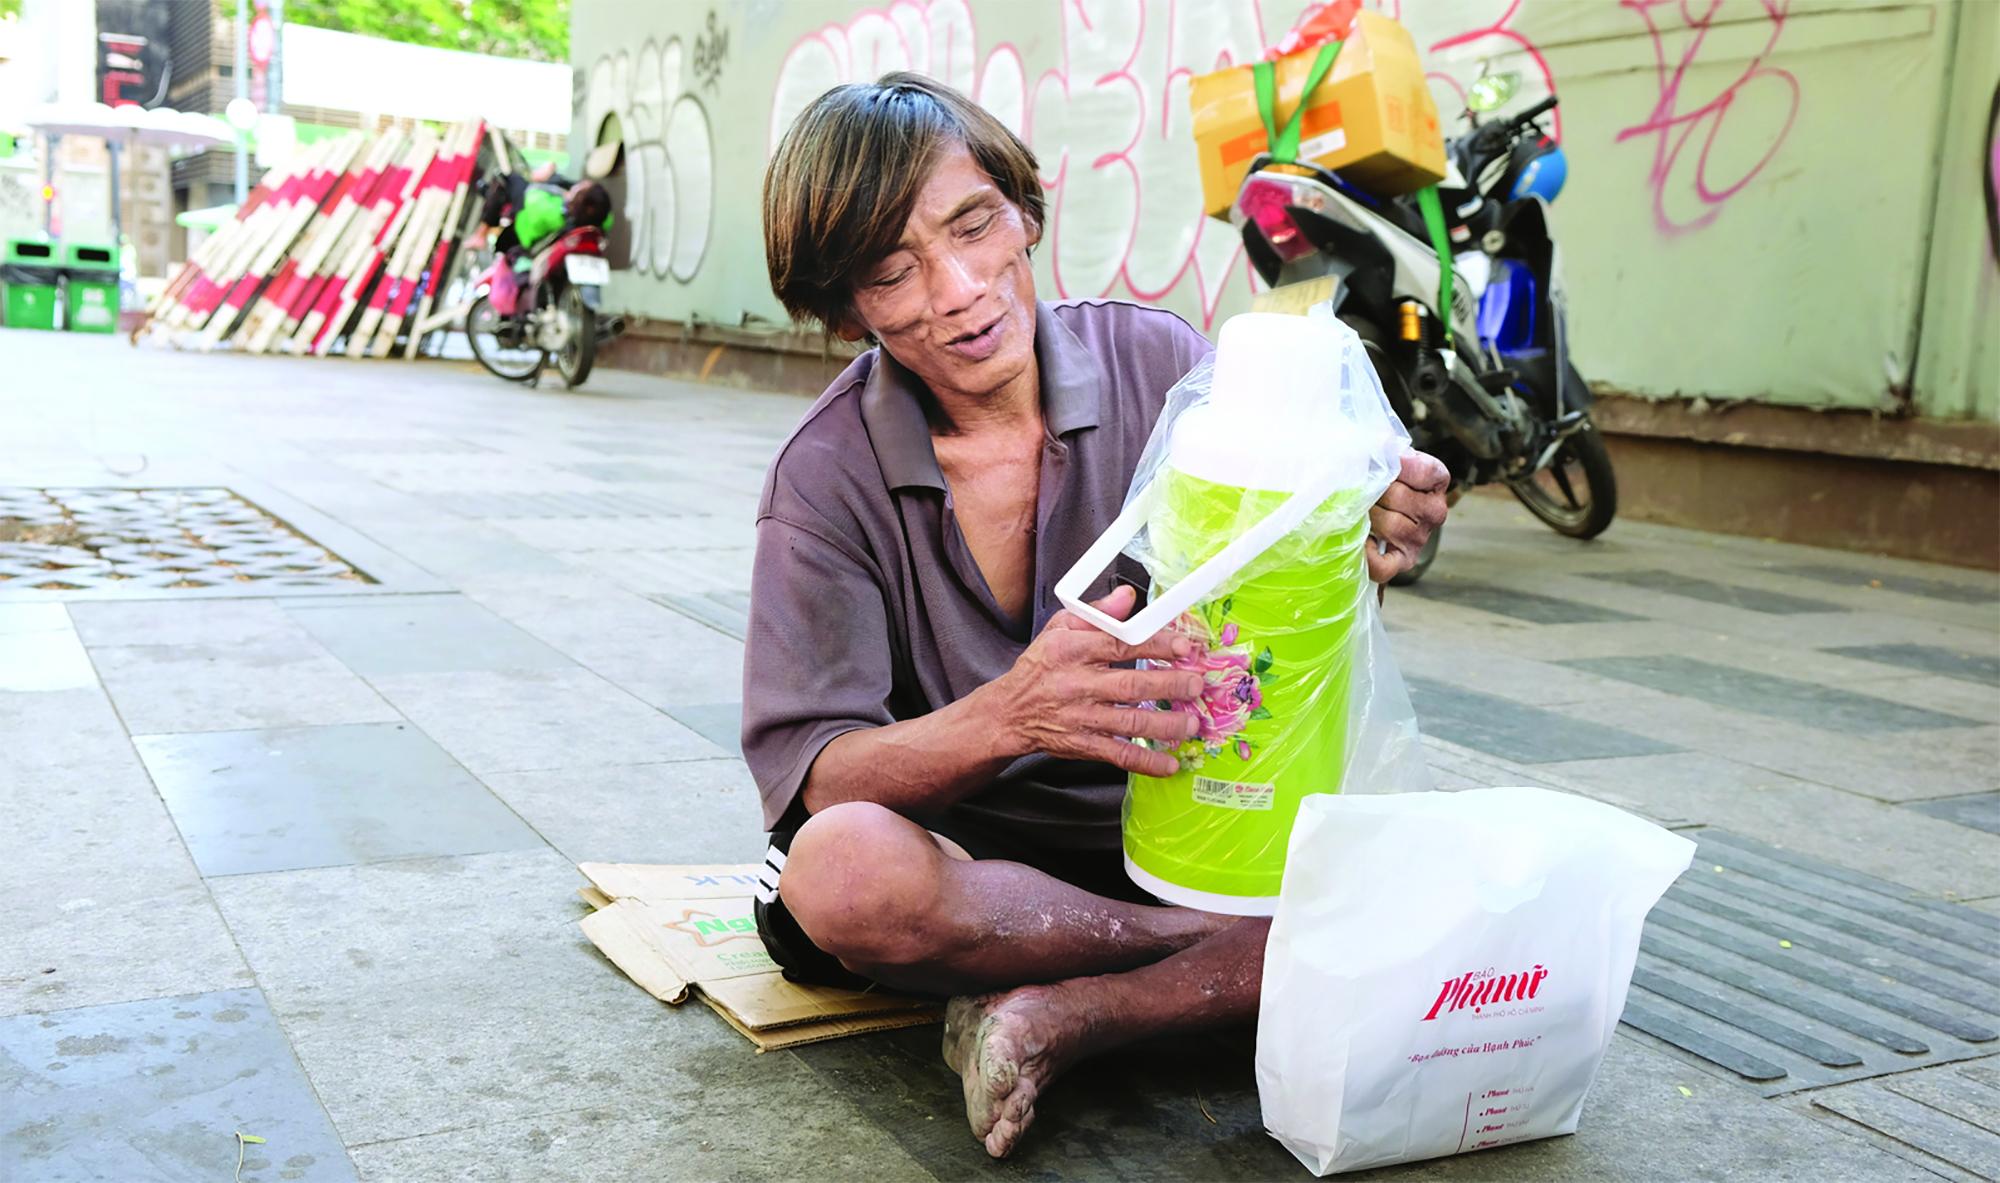 Nụ cười của ông Hùng khi nhận quà của độc giả Báo Phụ nữ TP.HCM trong mùa dịch